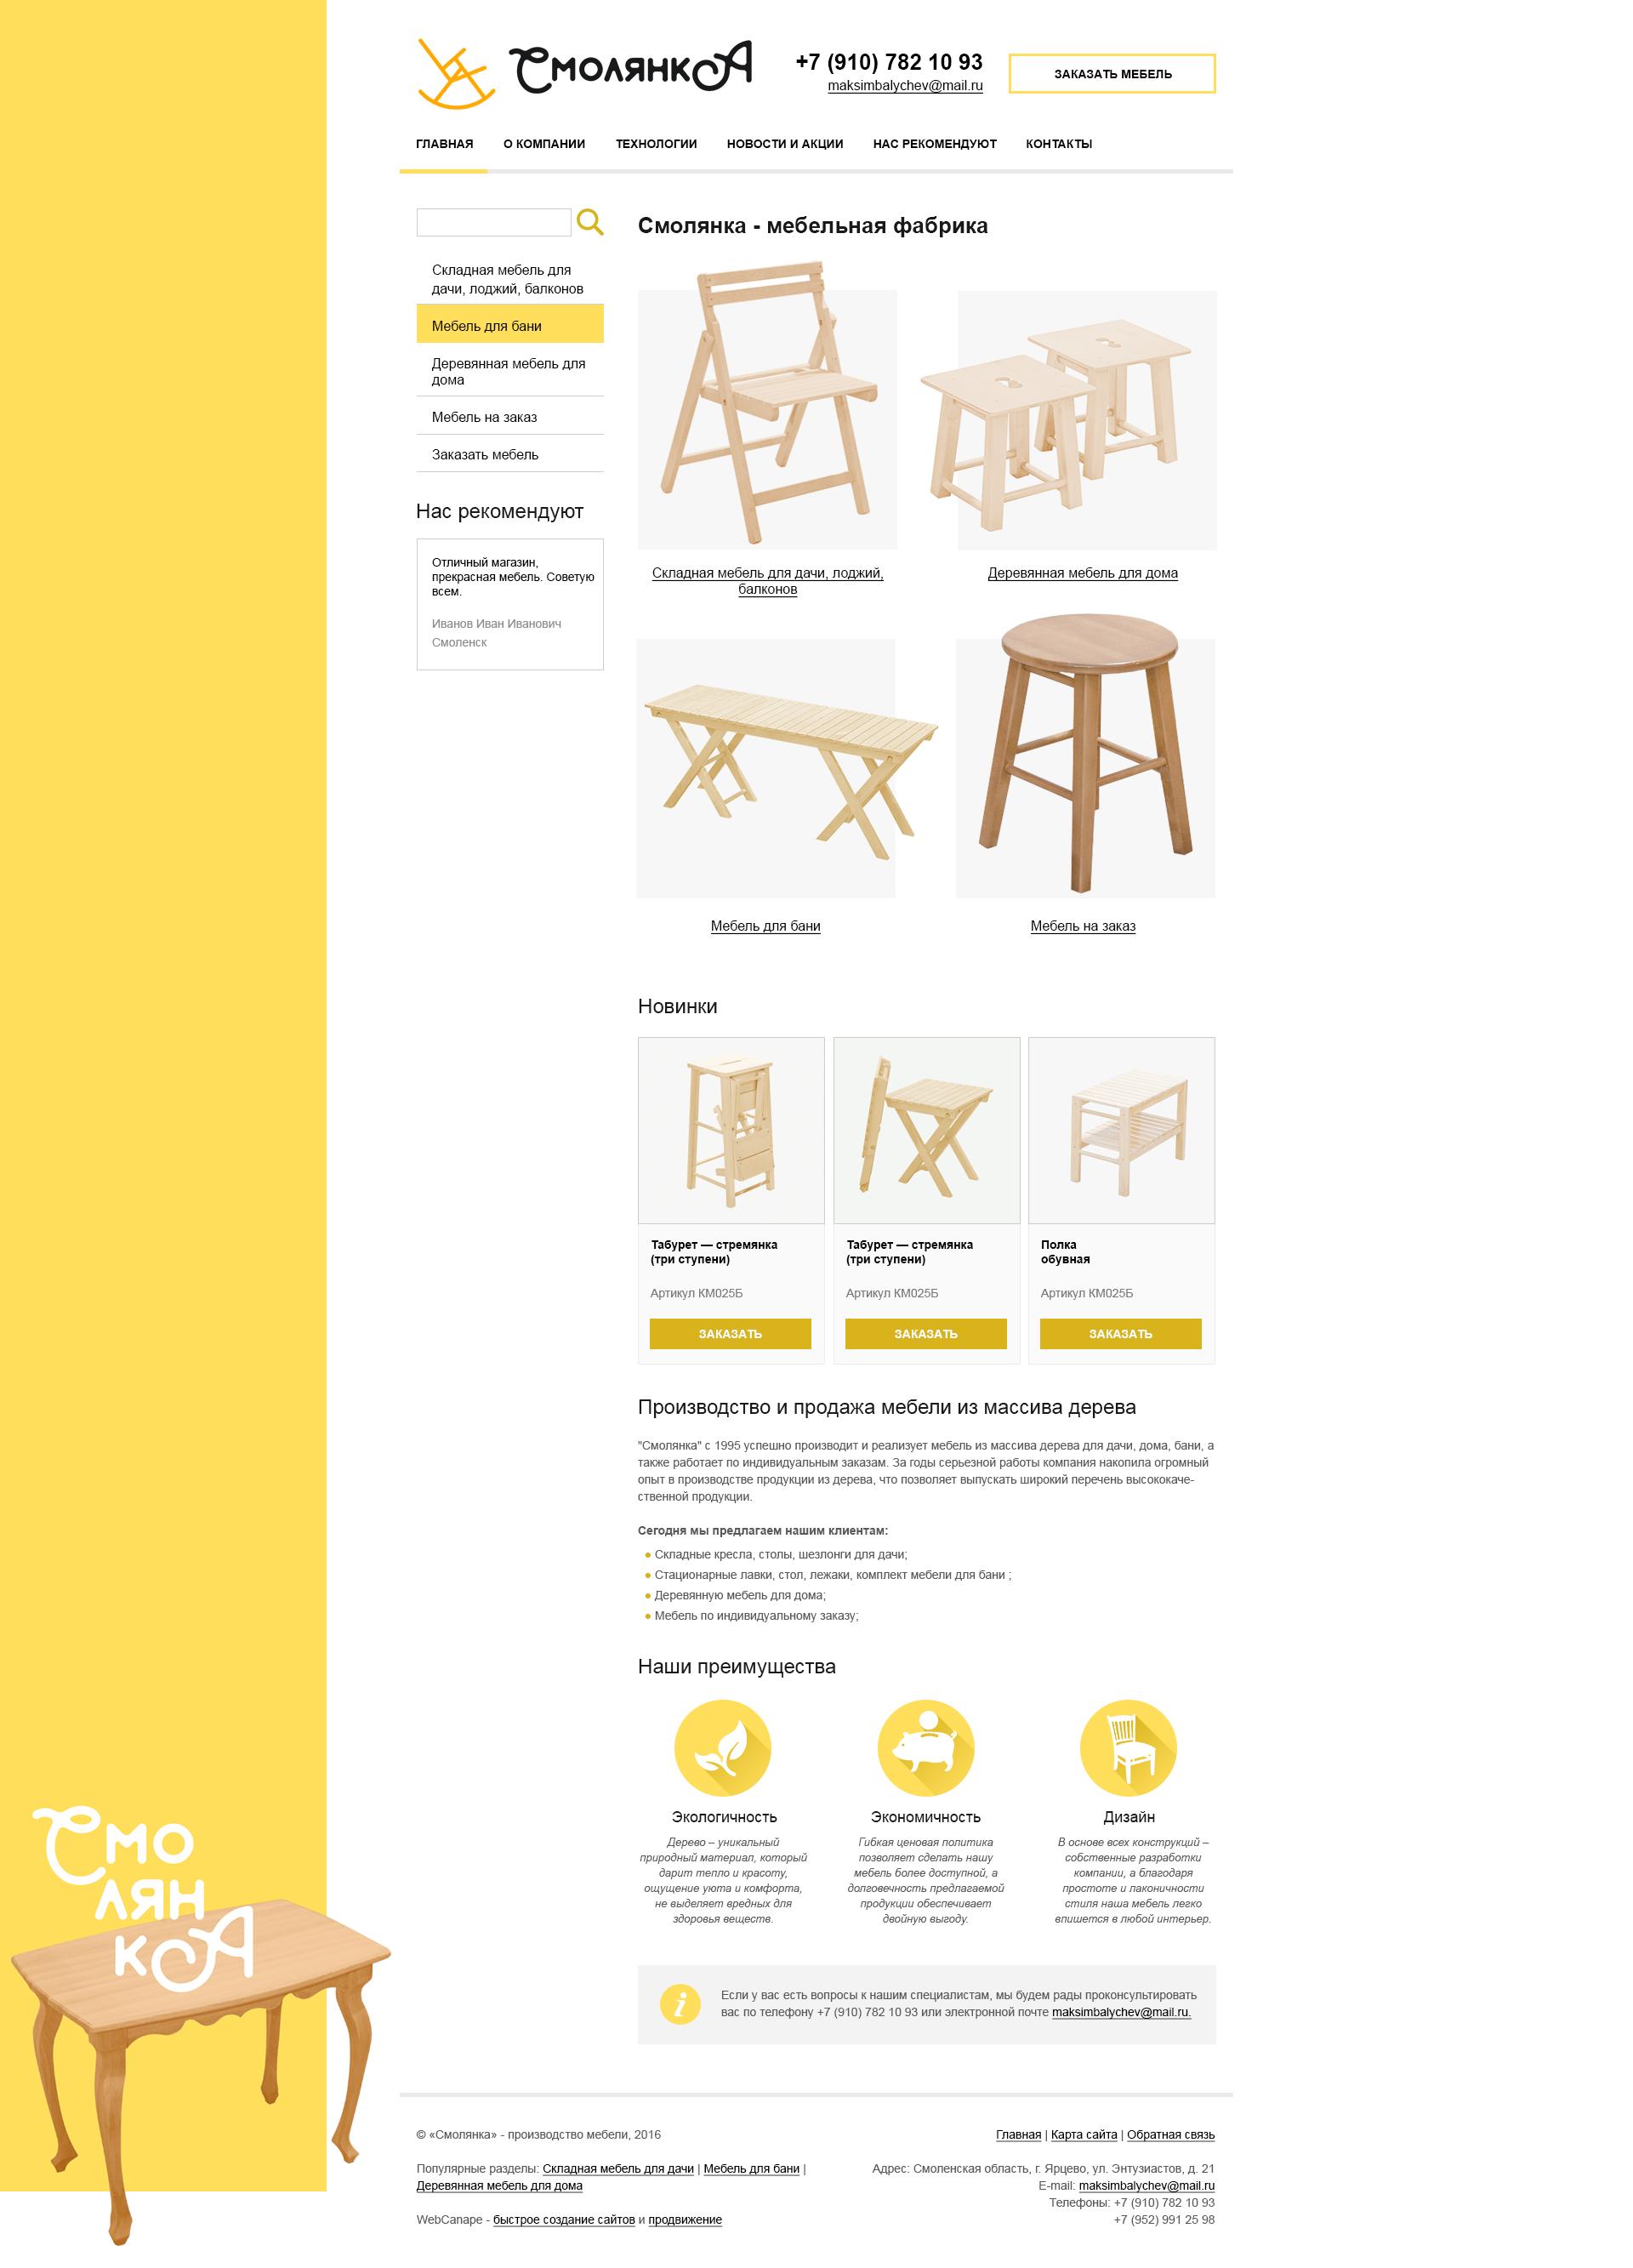 Создание сайта компании, производящей деревянную мебель